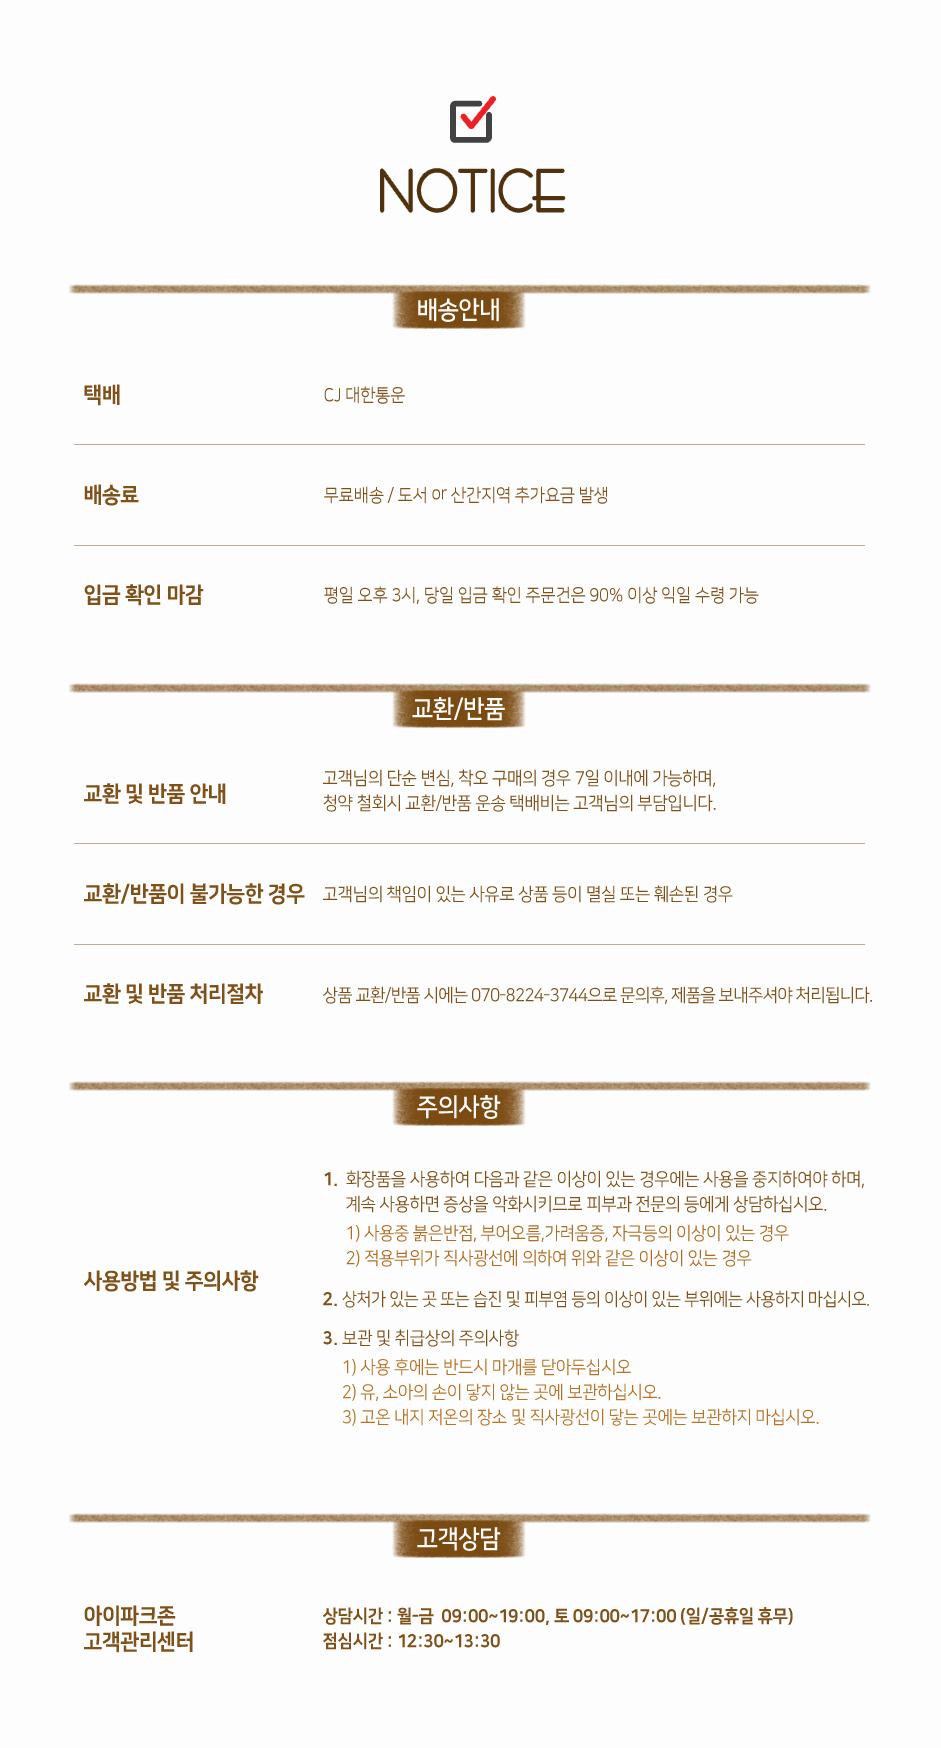 (벨라) 에코 그린 선 스틱 1+1 - 아이파크존, 19,000원, 선케어, 선밤/스틱